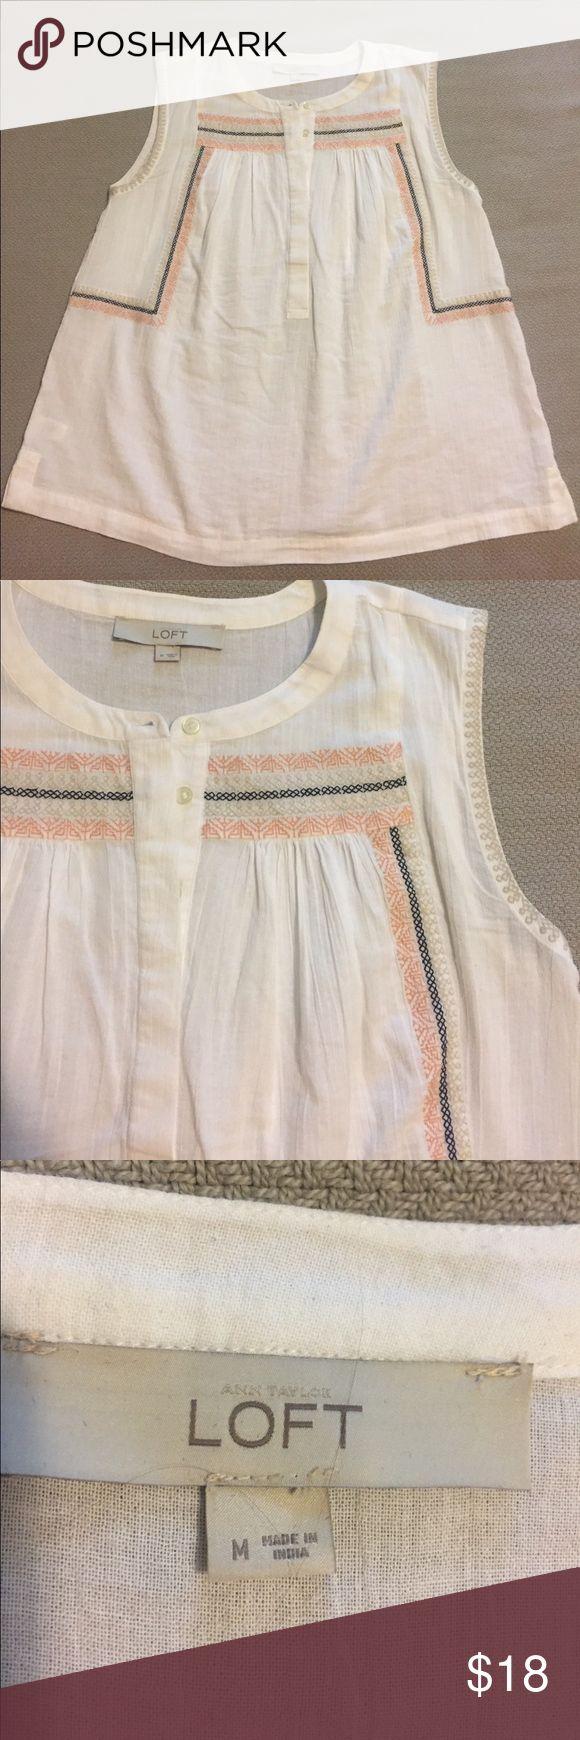 Loft Cotton Top Anne Taylor Loft cotton top with embroidery. LOFT Tops